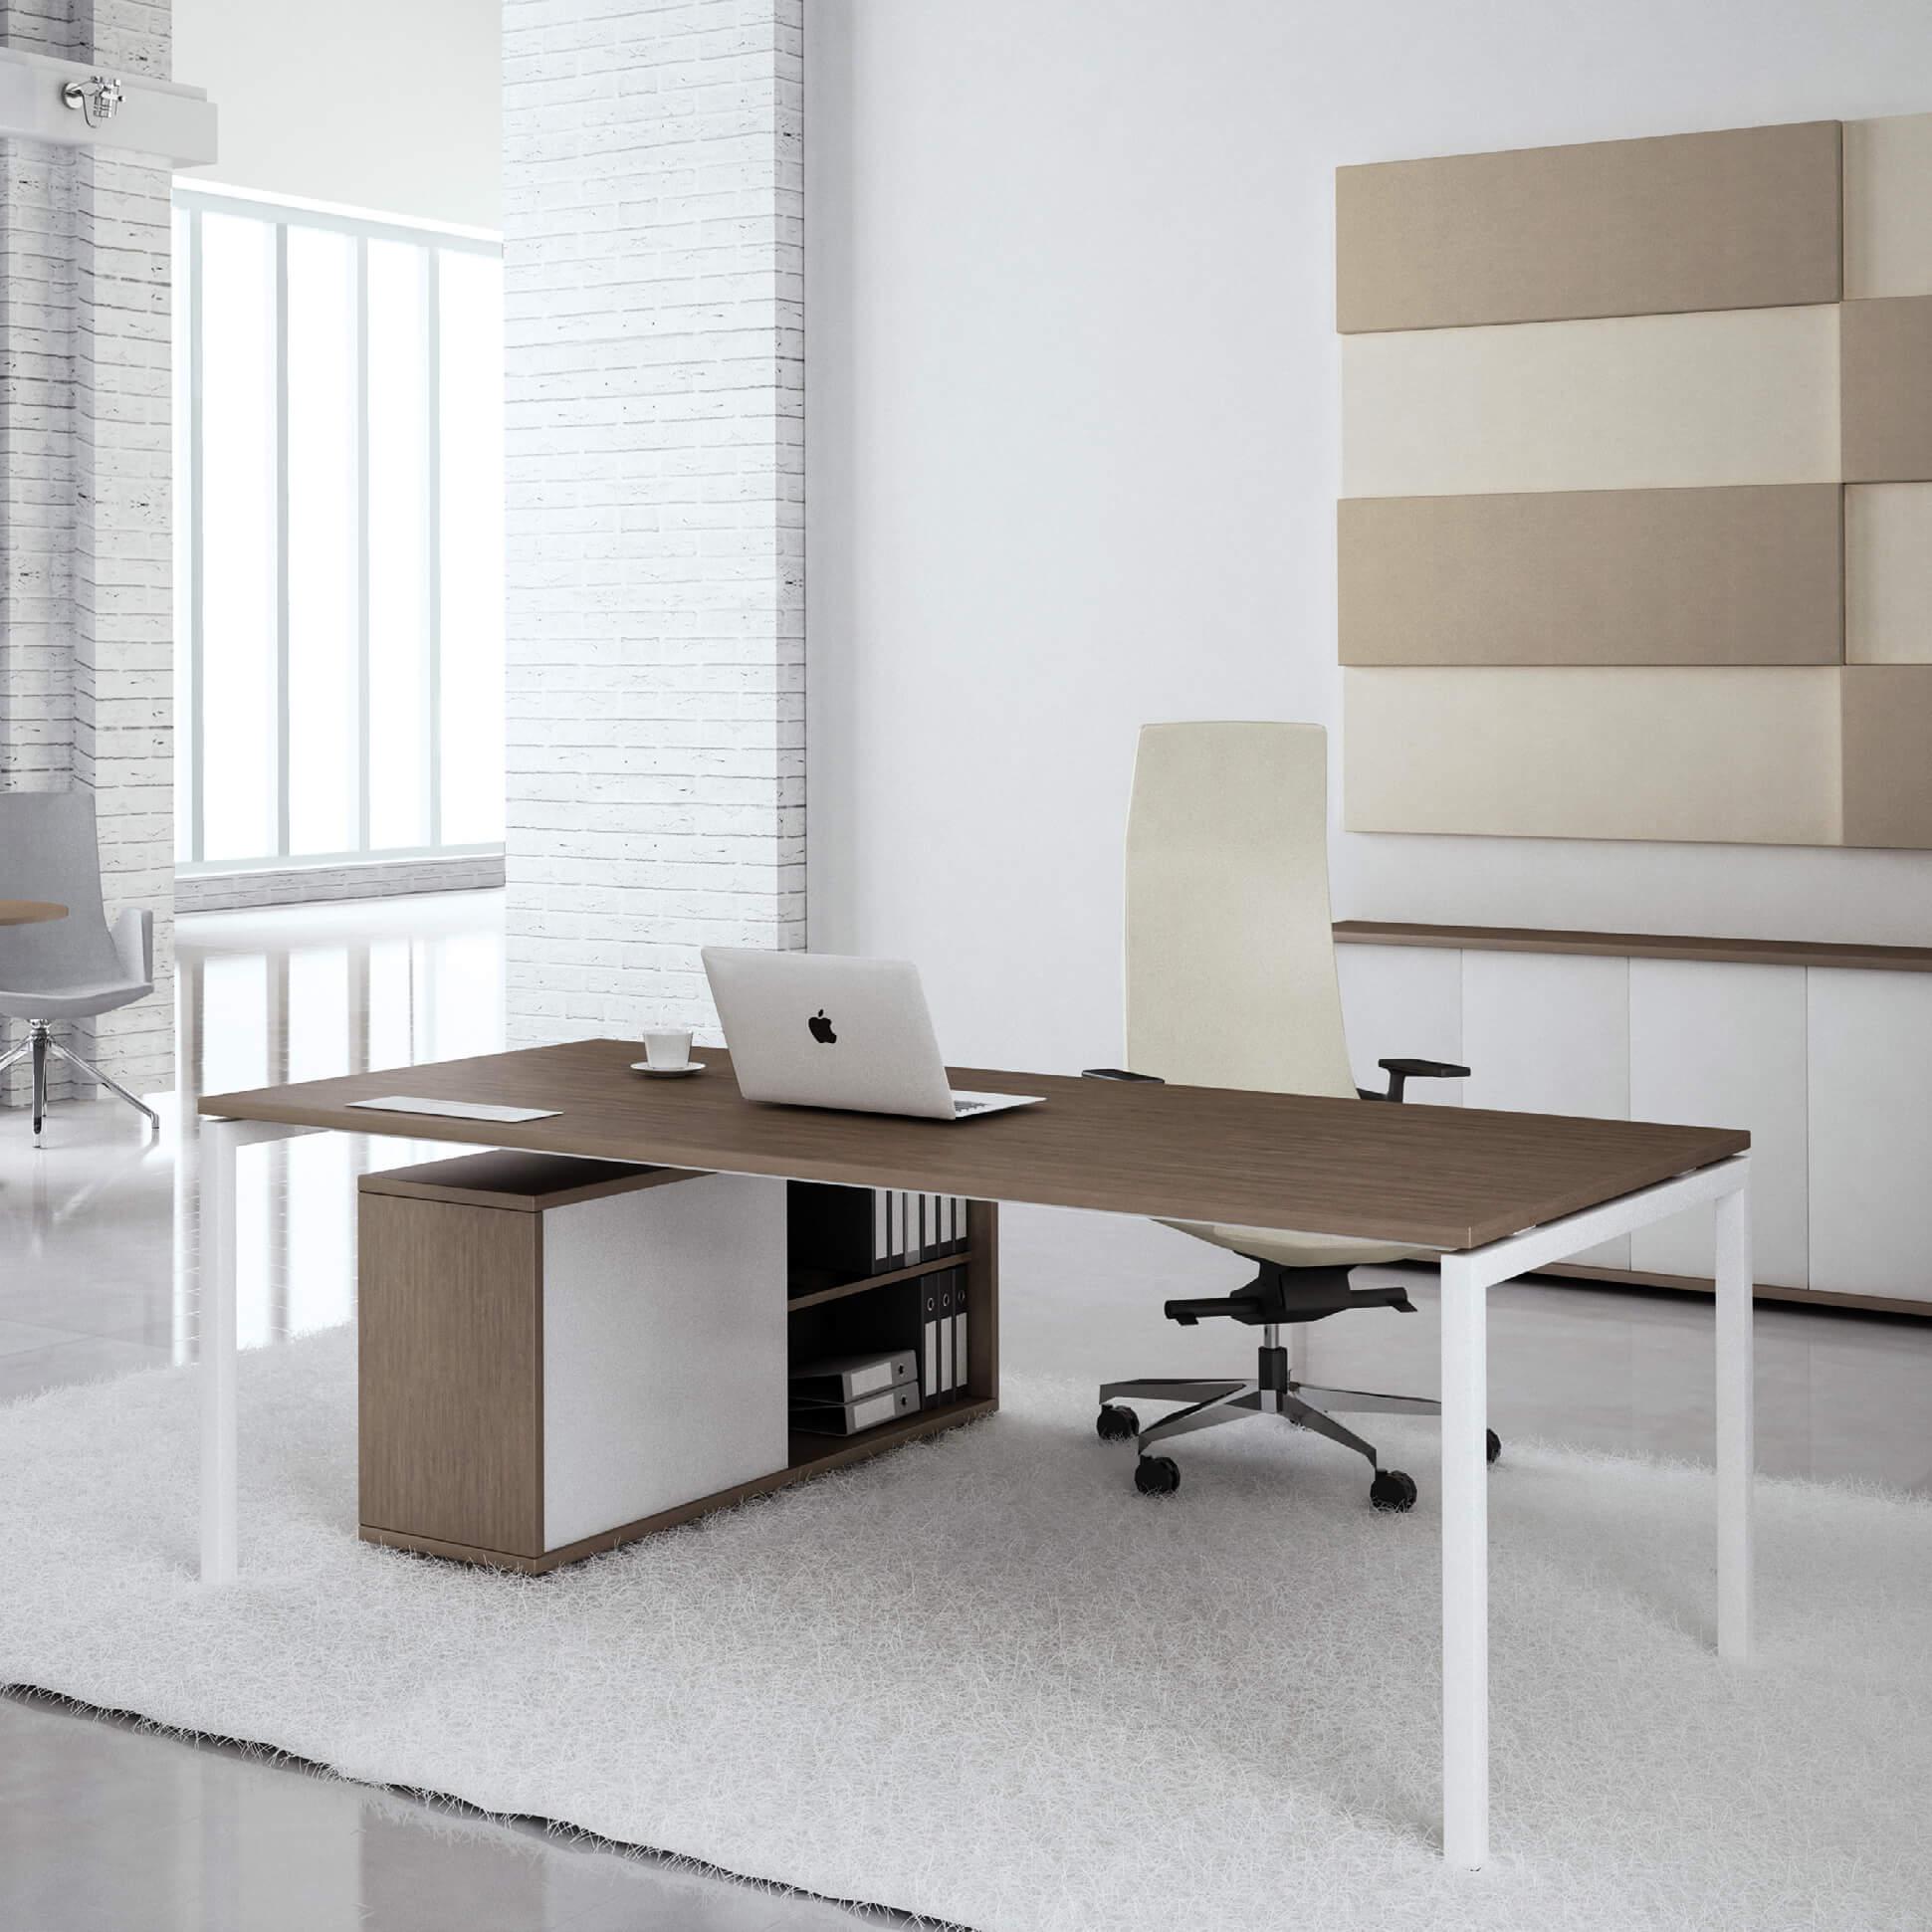 PROFI Chefschreibtisch 200x100cm NOVA U Konferenztisch Meetingtisch Schreibtisch